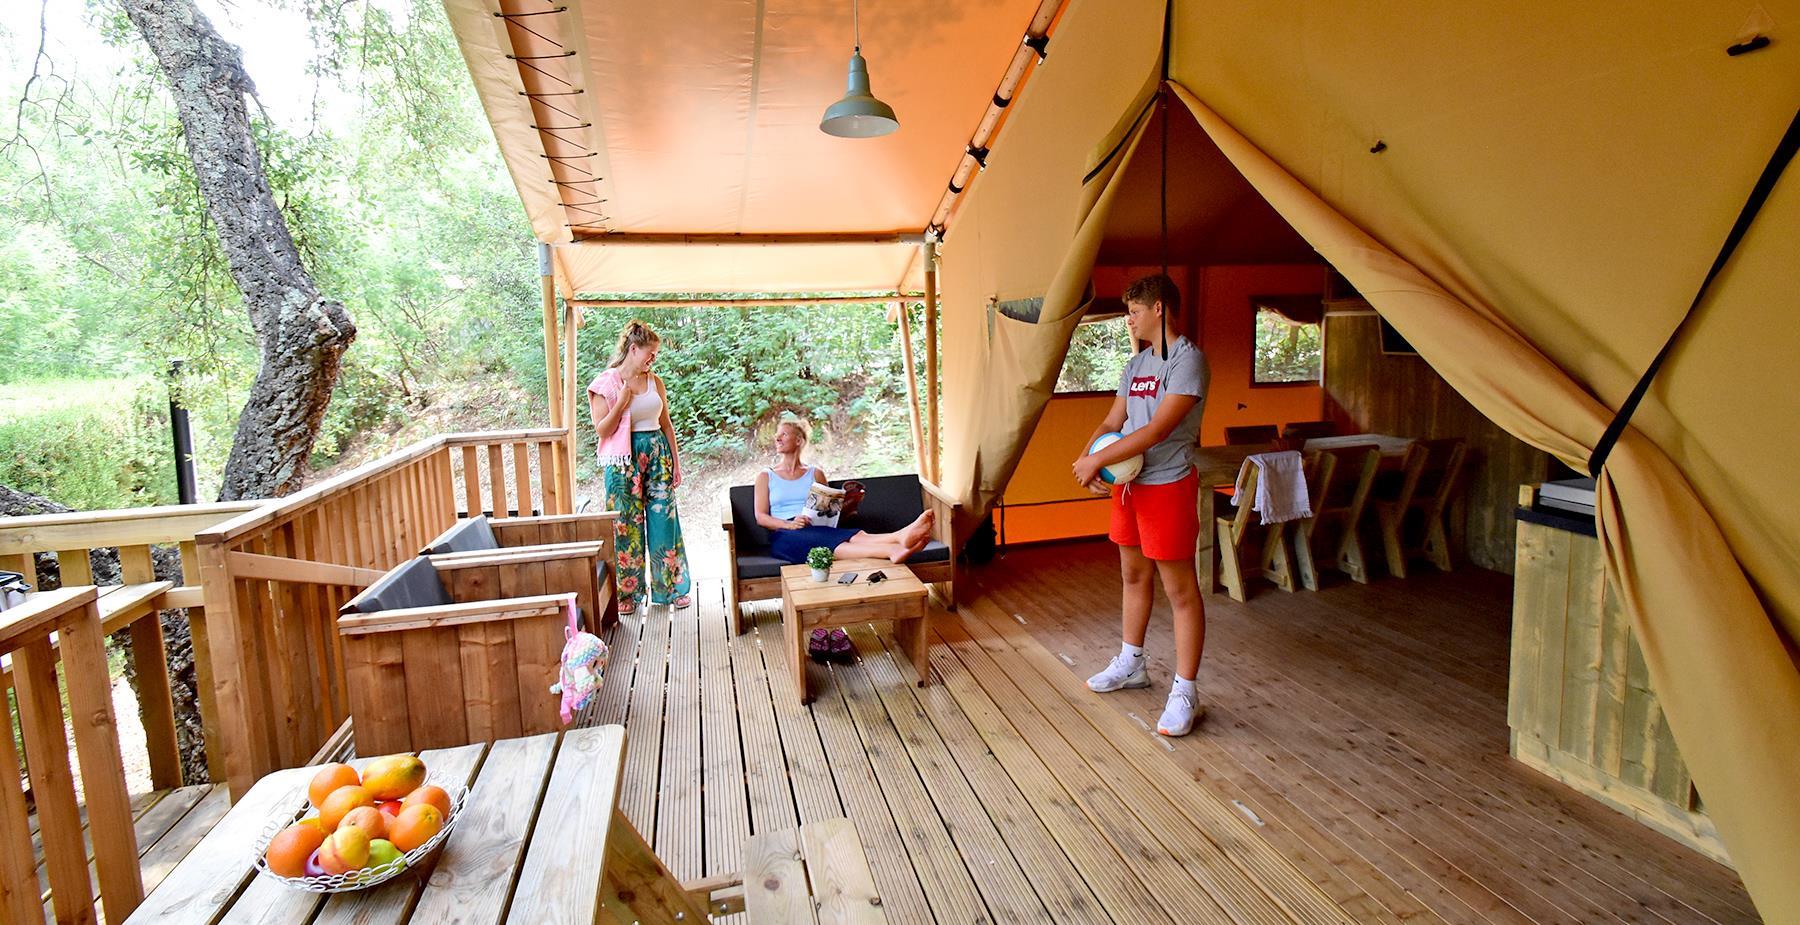 Location - Bergerie Lodge - Tente Safari De Luxe - Climatisation - 2 Chambres + 1 Lit-Cabane - Camping Castel Domaine de la Bergerie